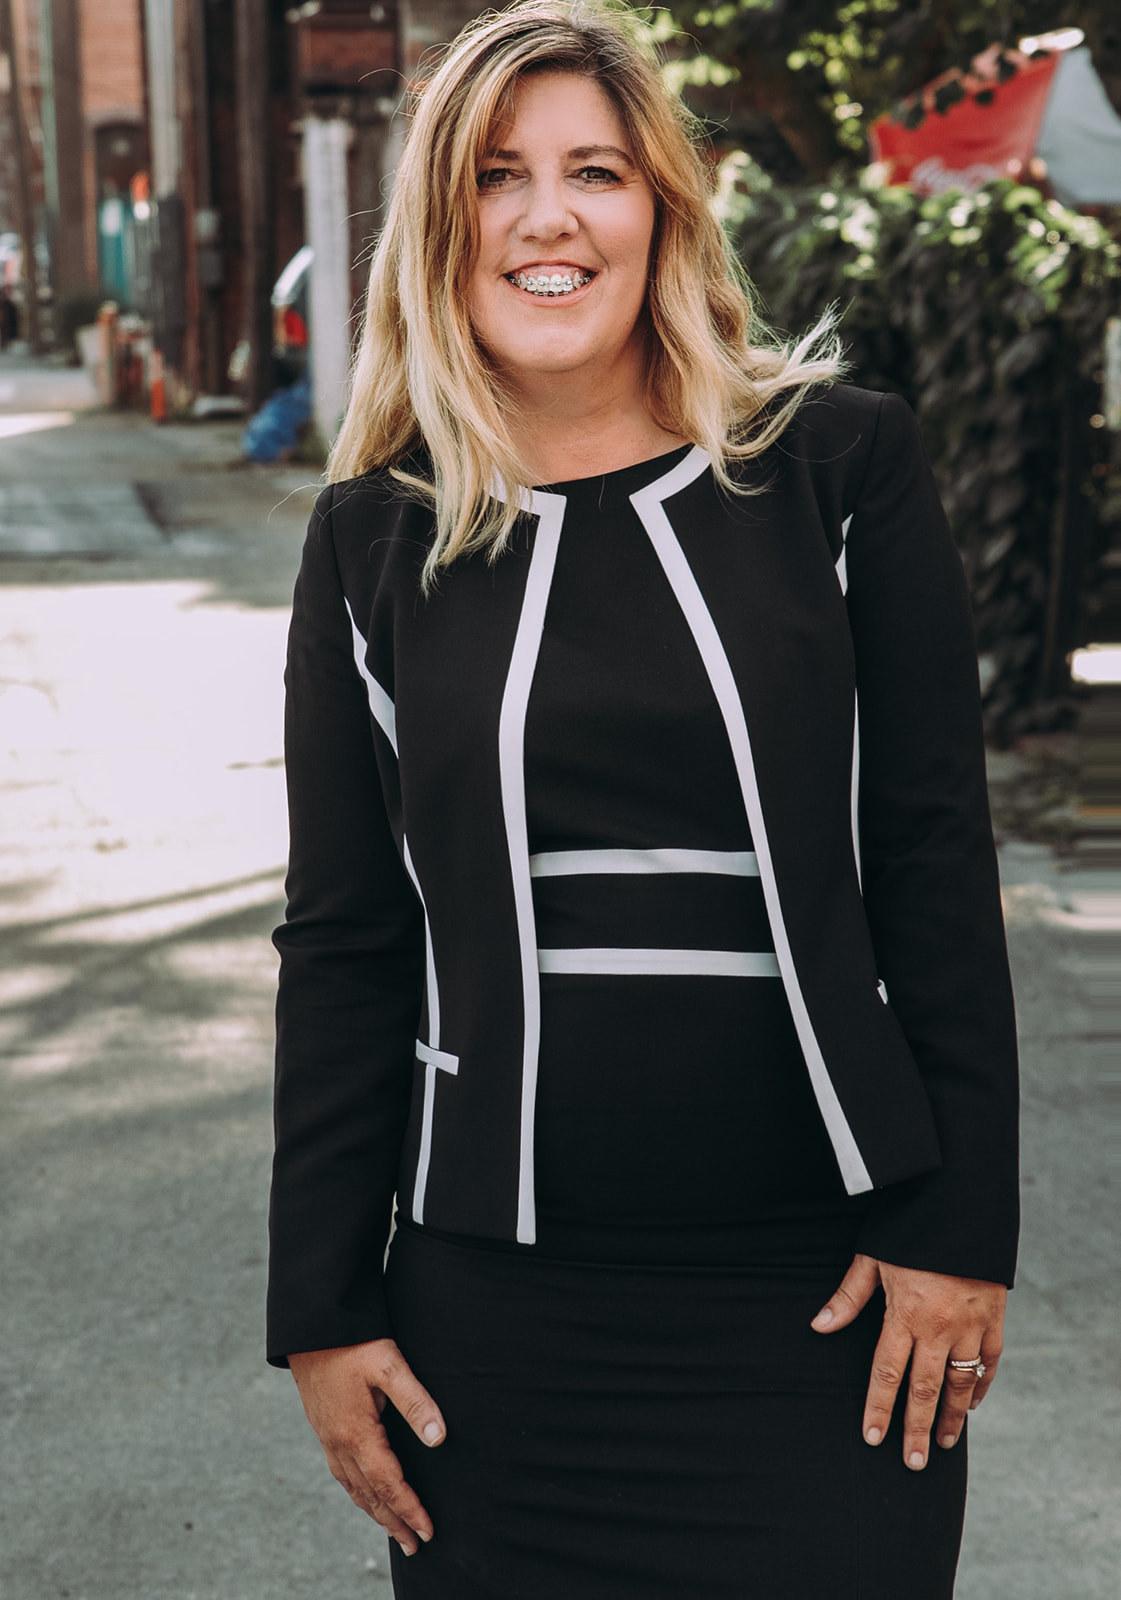 Rhonda Kelly